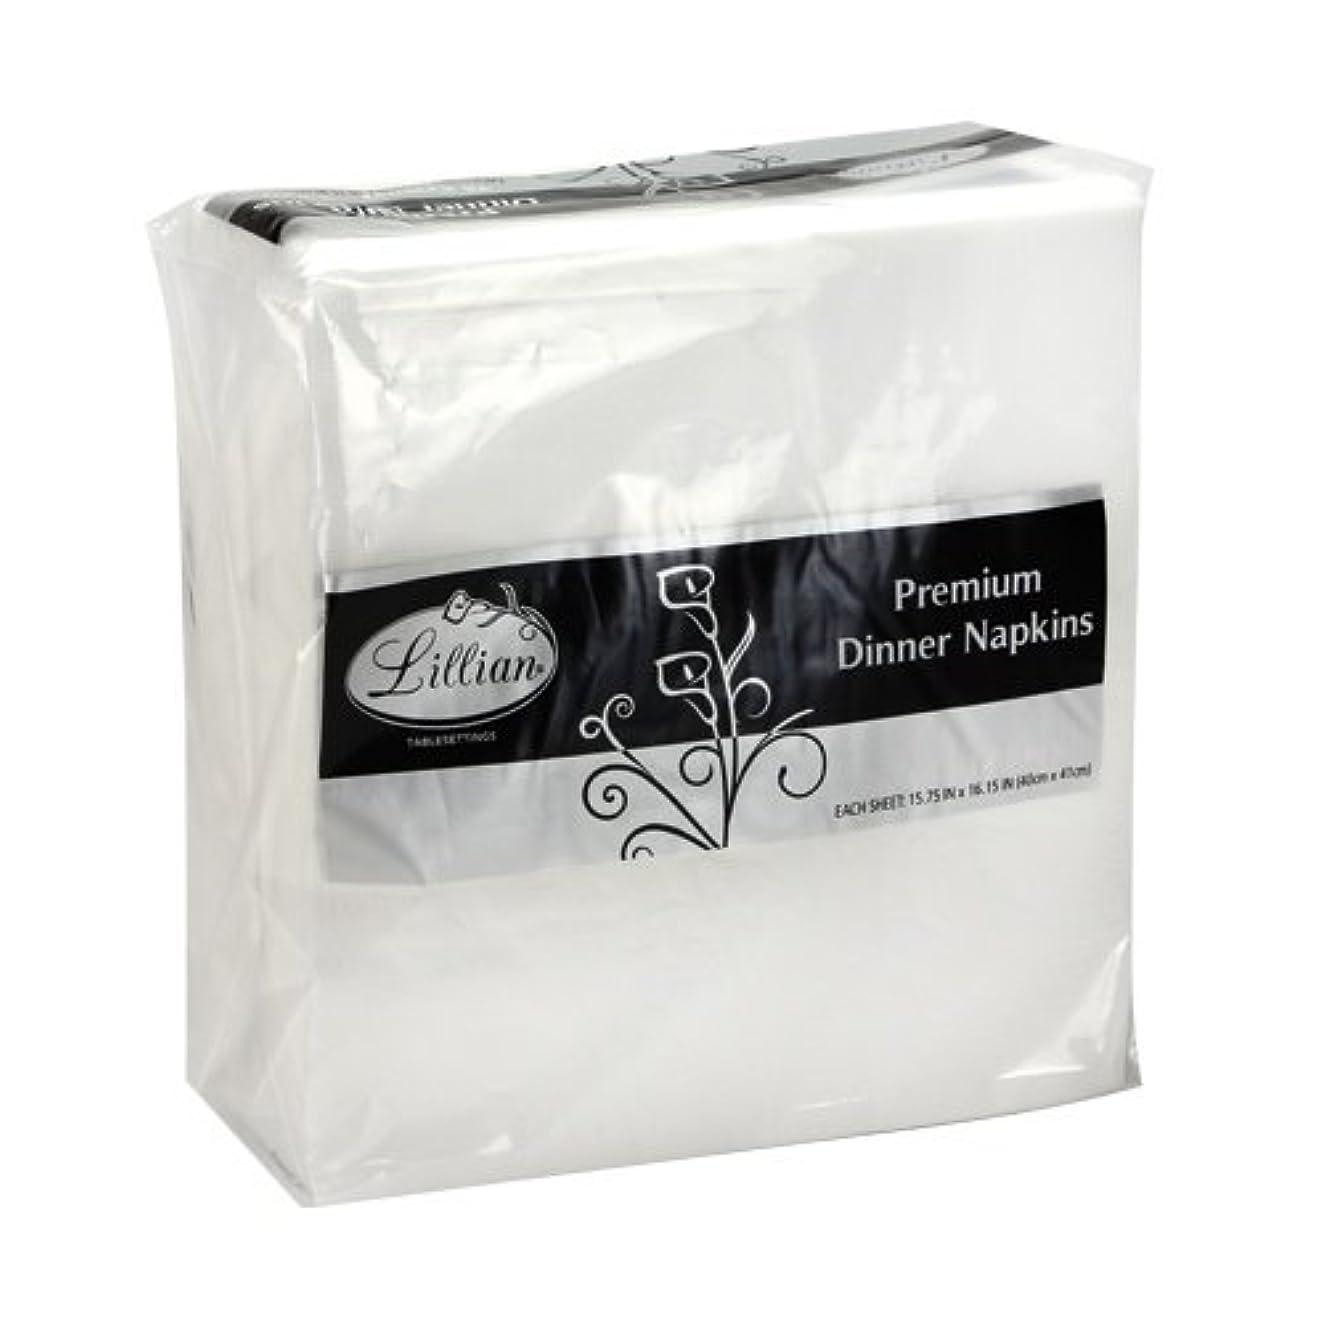 Lillian Tablesettings Premium White Napkins, Large Dinner Napkin, 3 Ply Paper White, 75 count